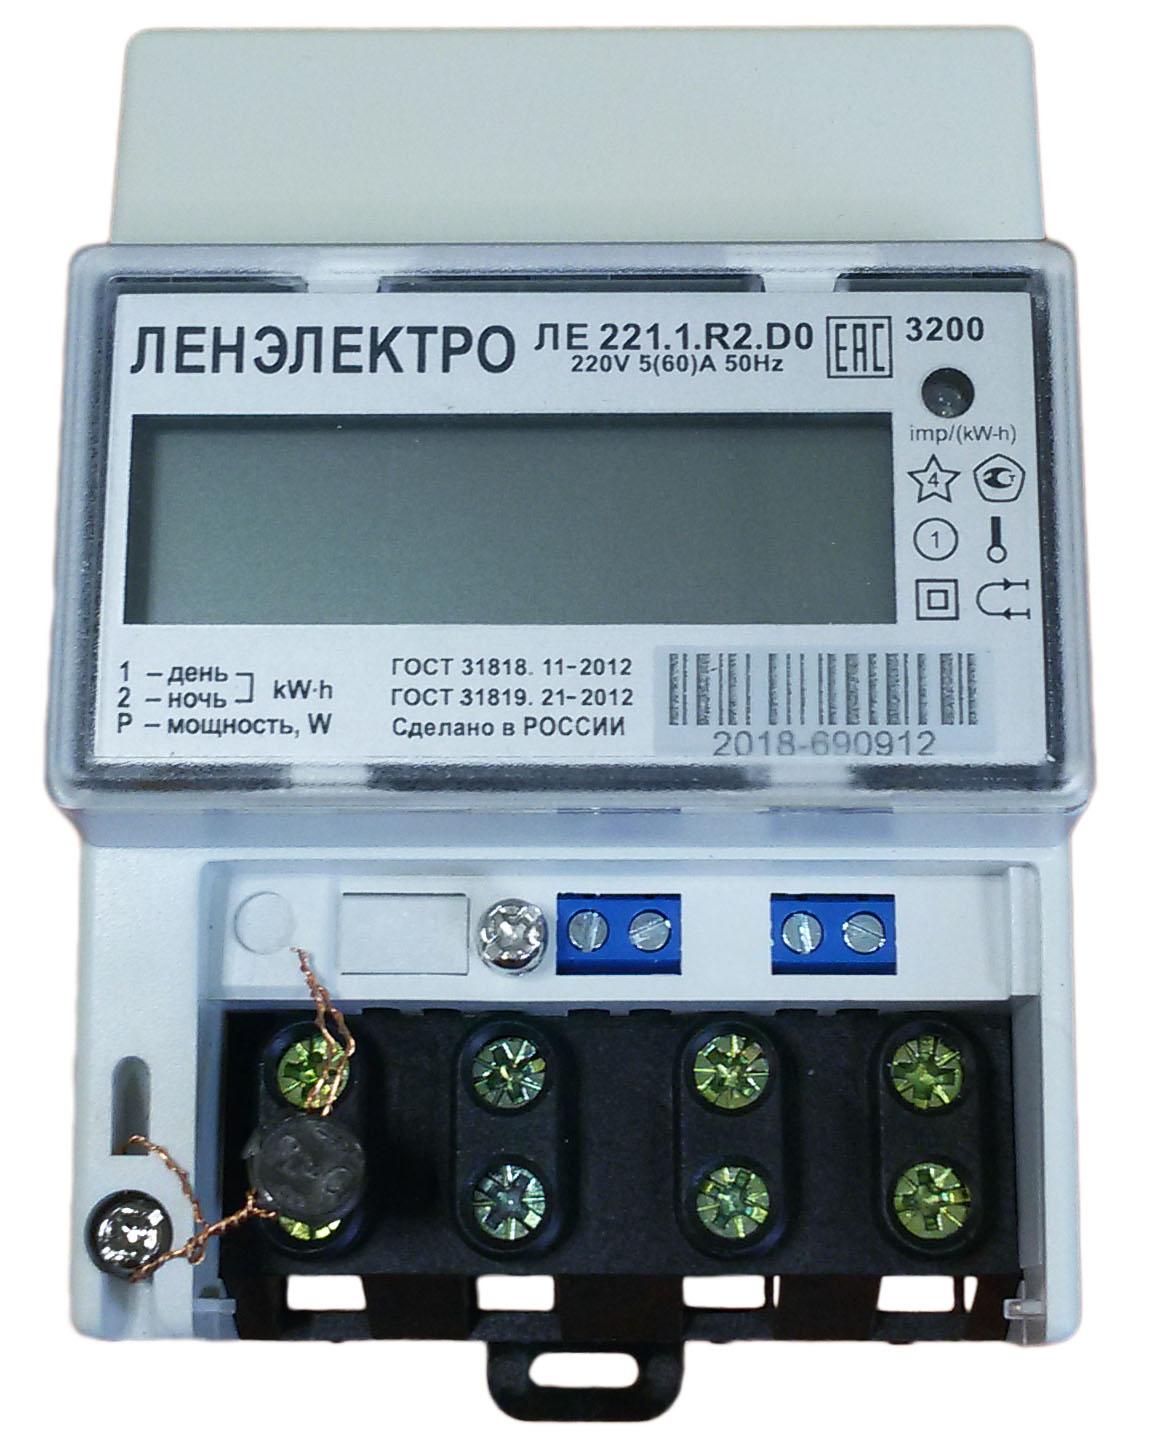 Что такое однофазный однотарифный счетчик электроэнегрии